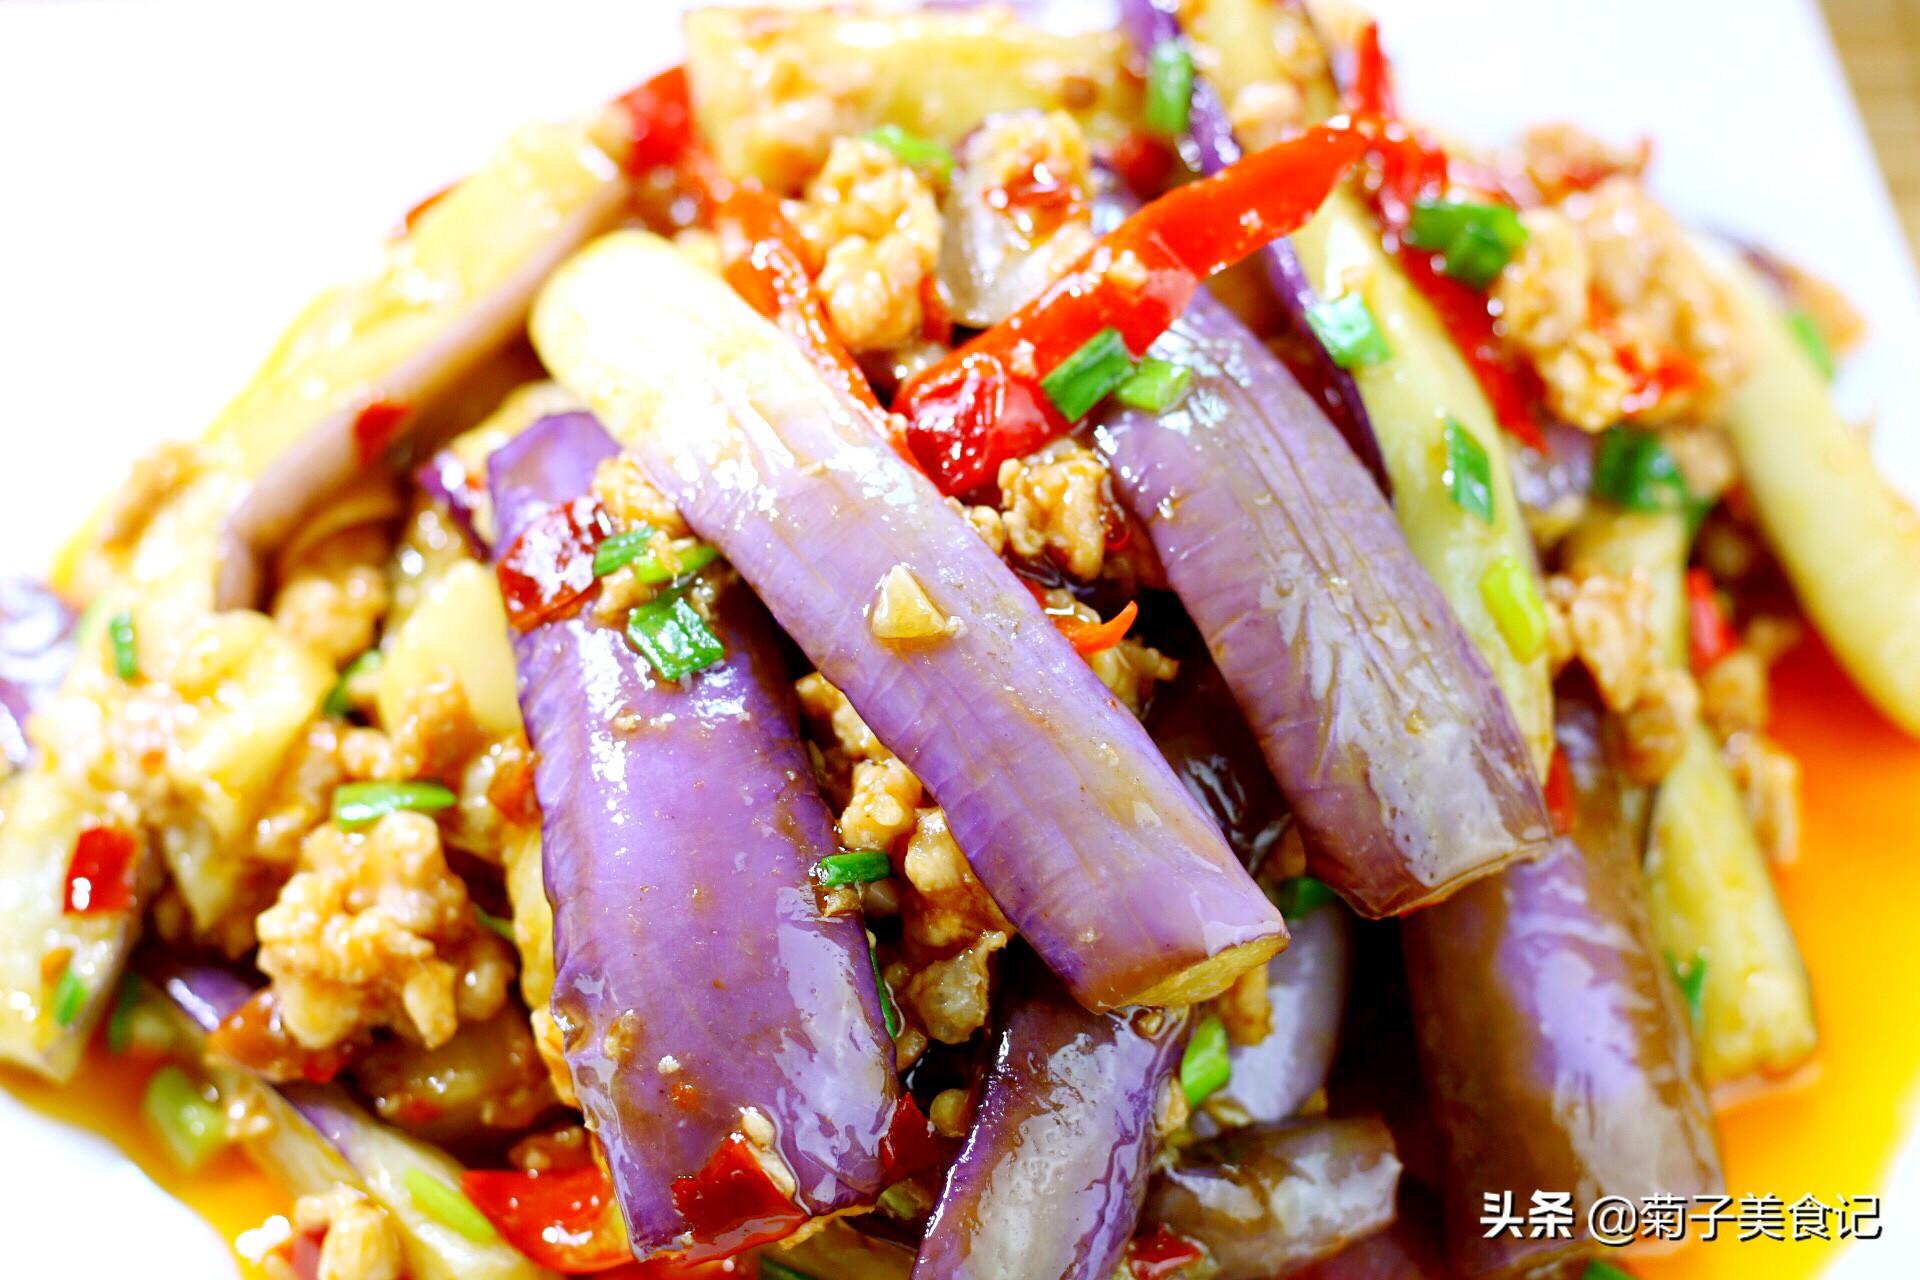 这12道川菜菜谱请收好,经典川味,色香俱全,过年回家就要露一手 川菜菜谱 第12张